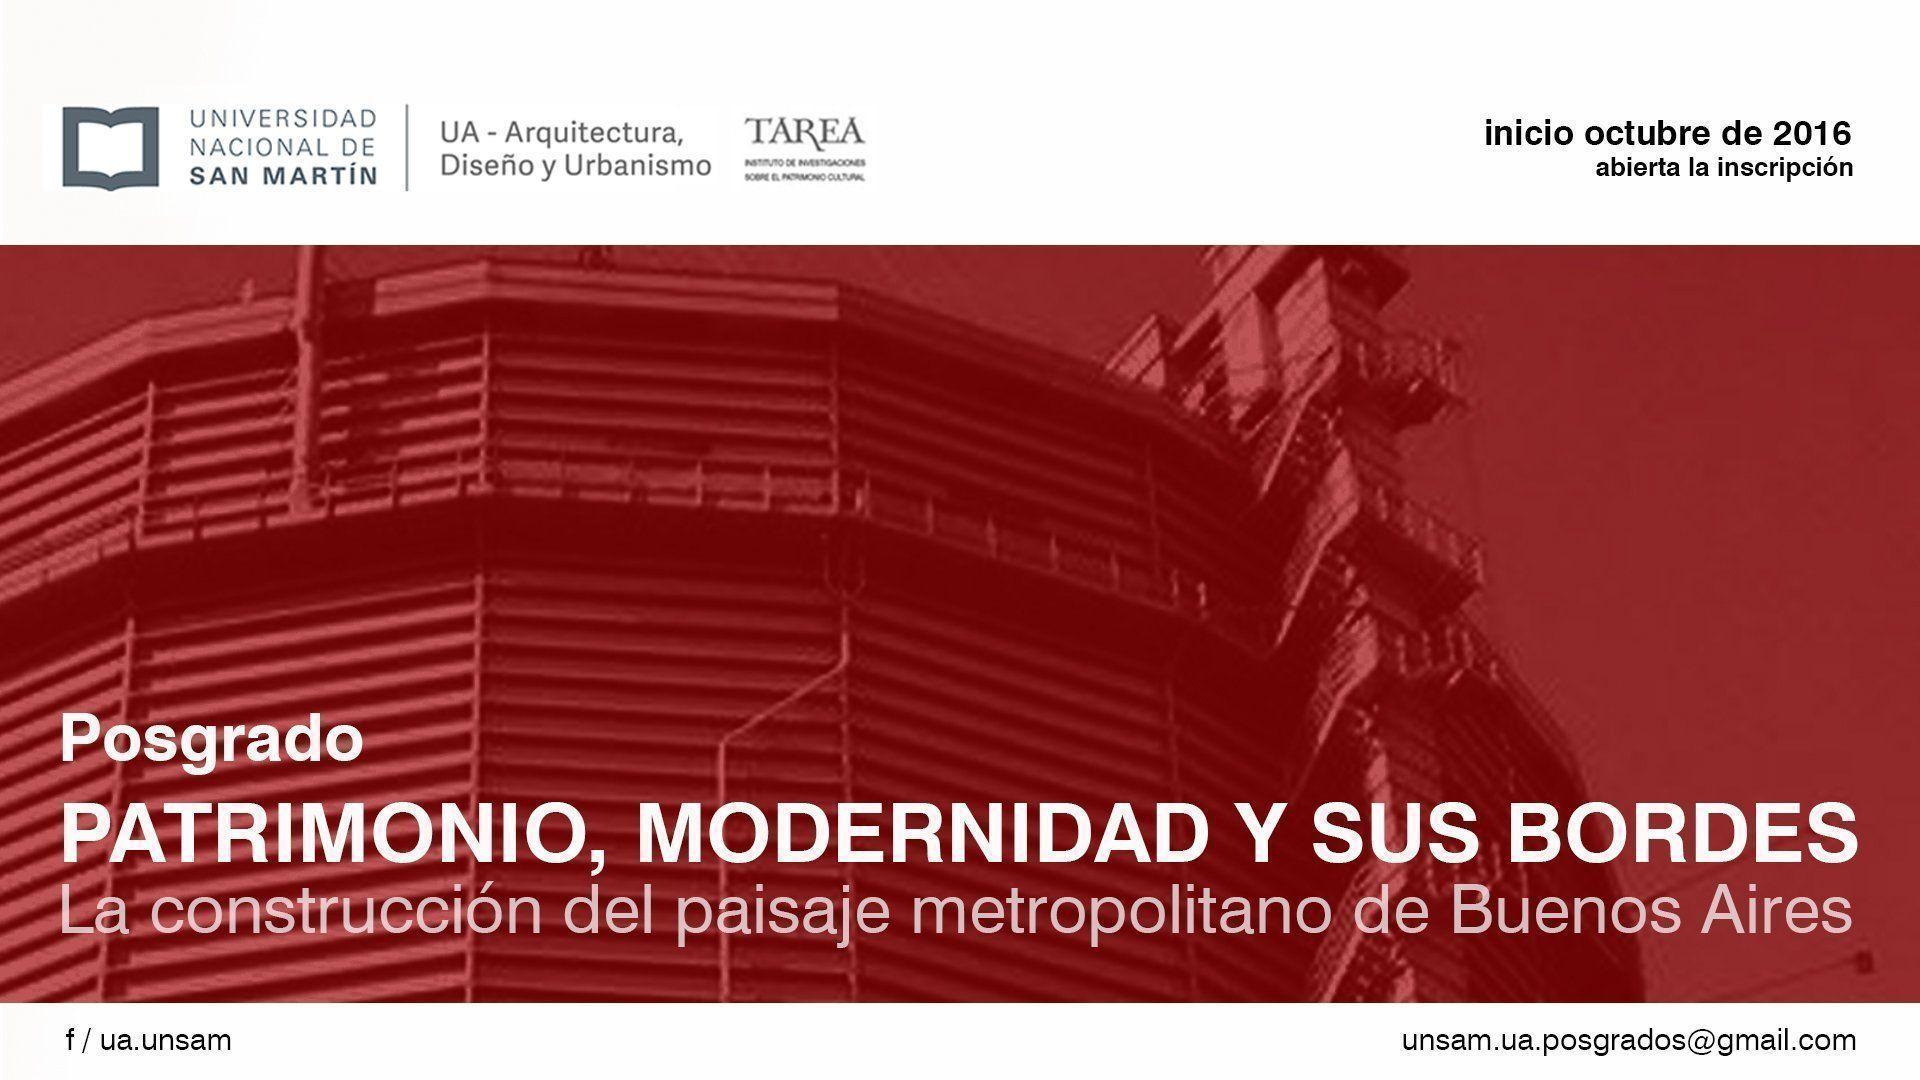 Posgrado: Patrimonio, modernidad y sus bordes: La construcción del paisaje metropolitano de Buenos Aires